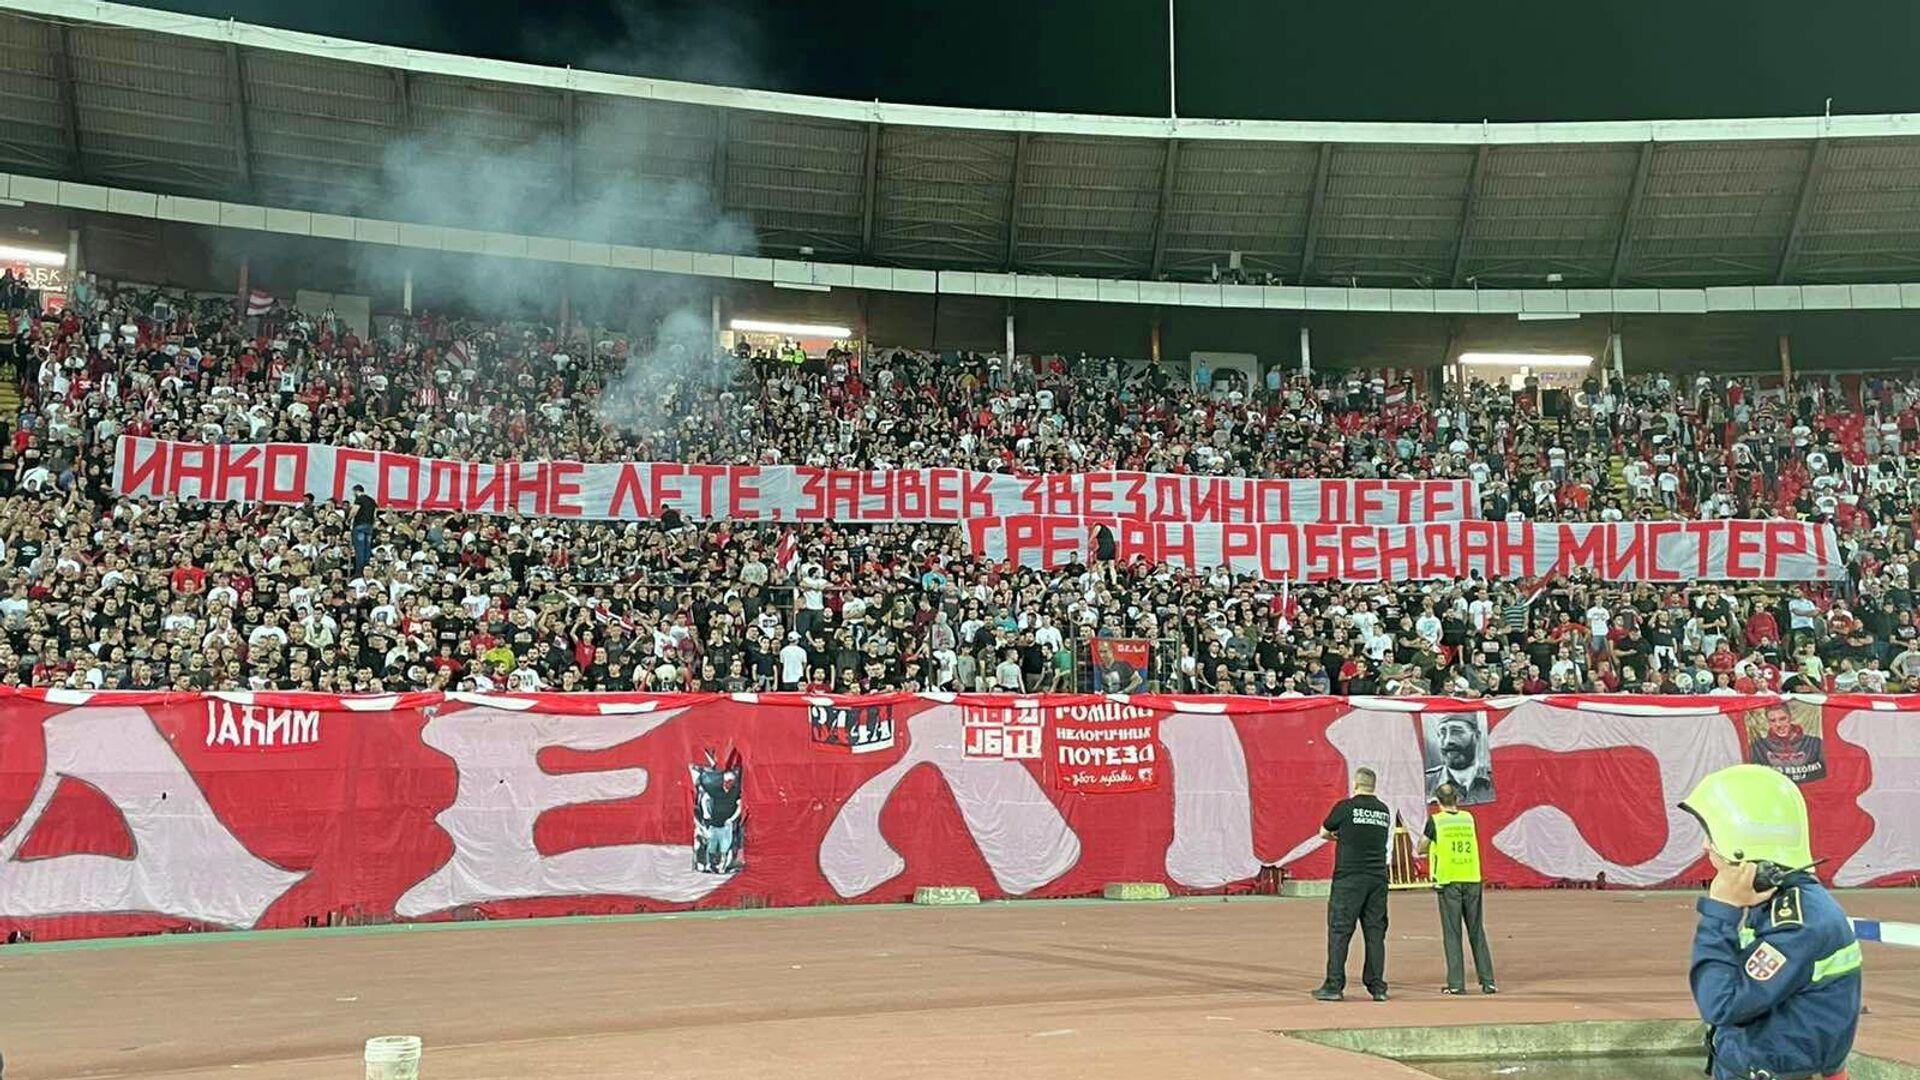 Детаљ са утакмице ФК Црвена звезда – Пролетер - Sputnik Србија, 1920, 11.09.2021